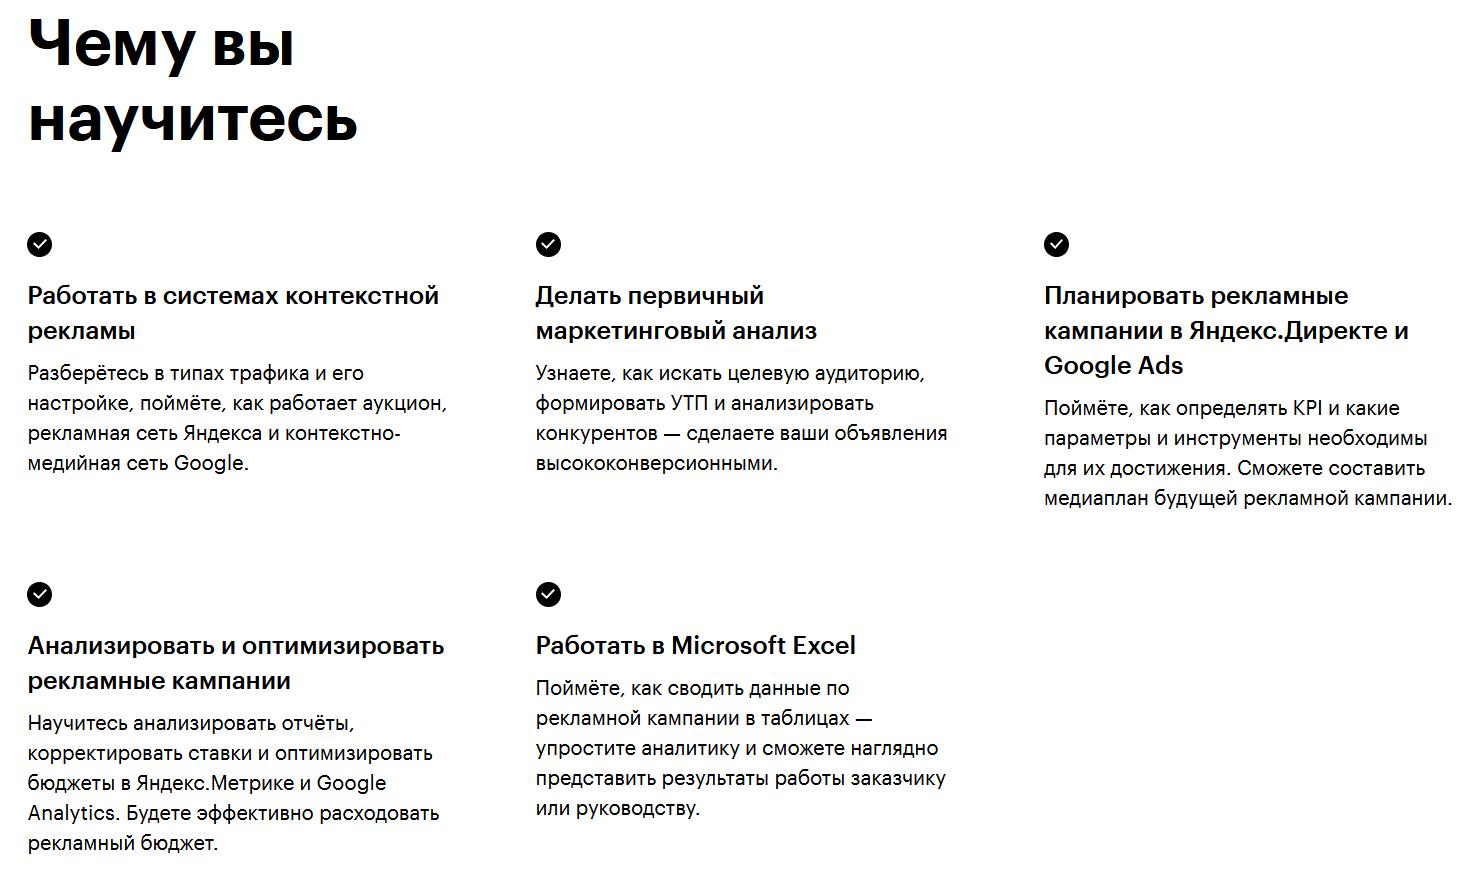 онлайн курс по яндекс директ